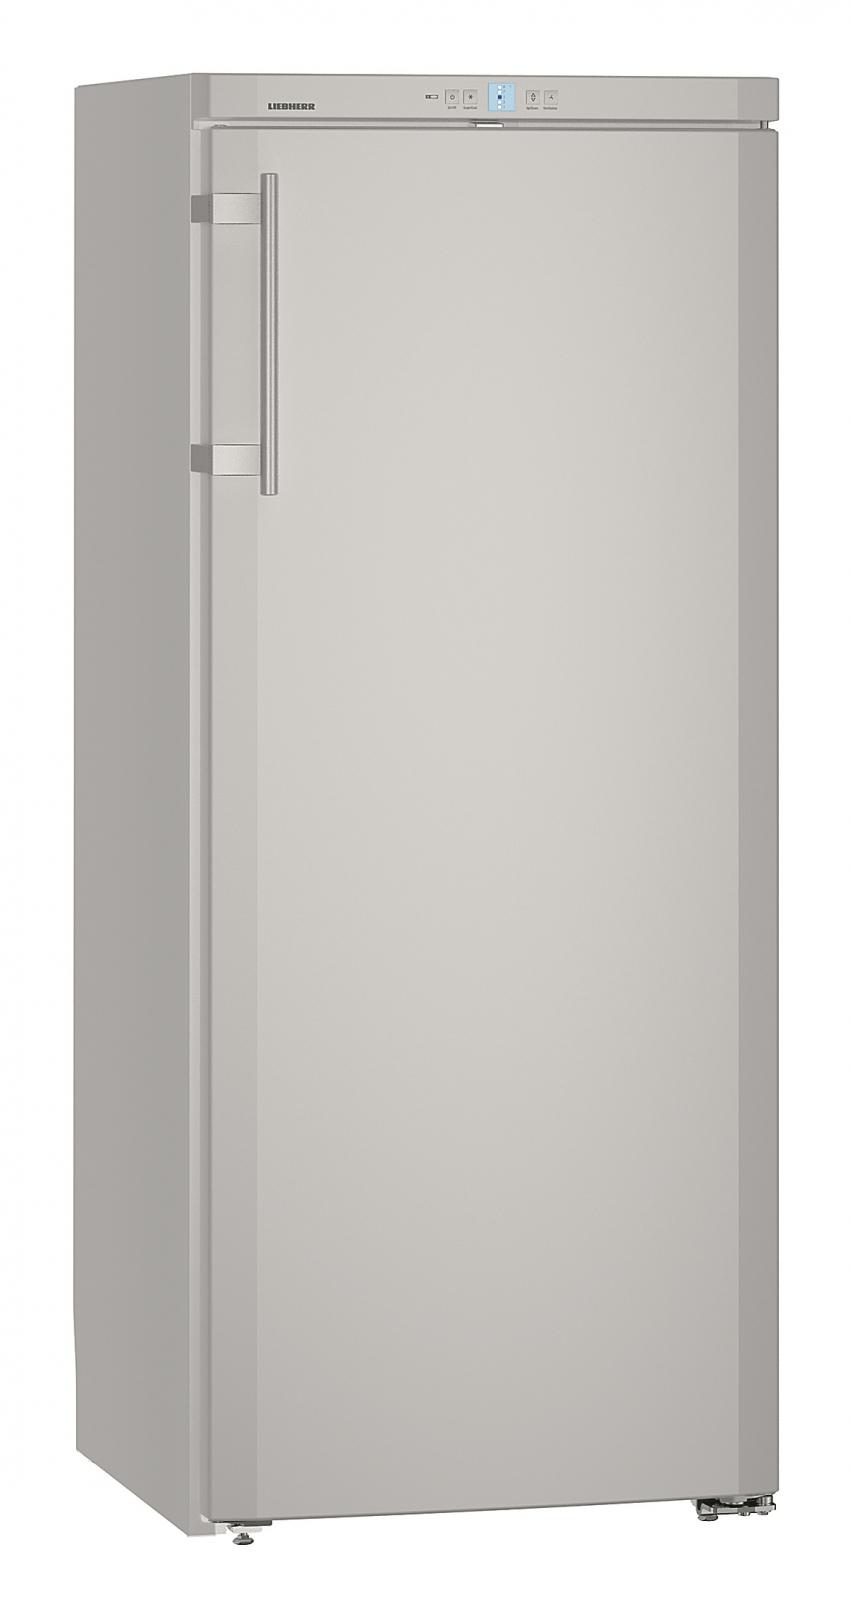 купить Однокамерный холодильник Liebherr Ksl 3130 Украина фото 1